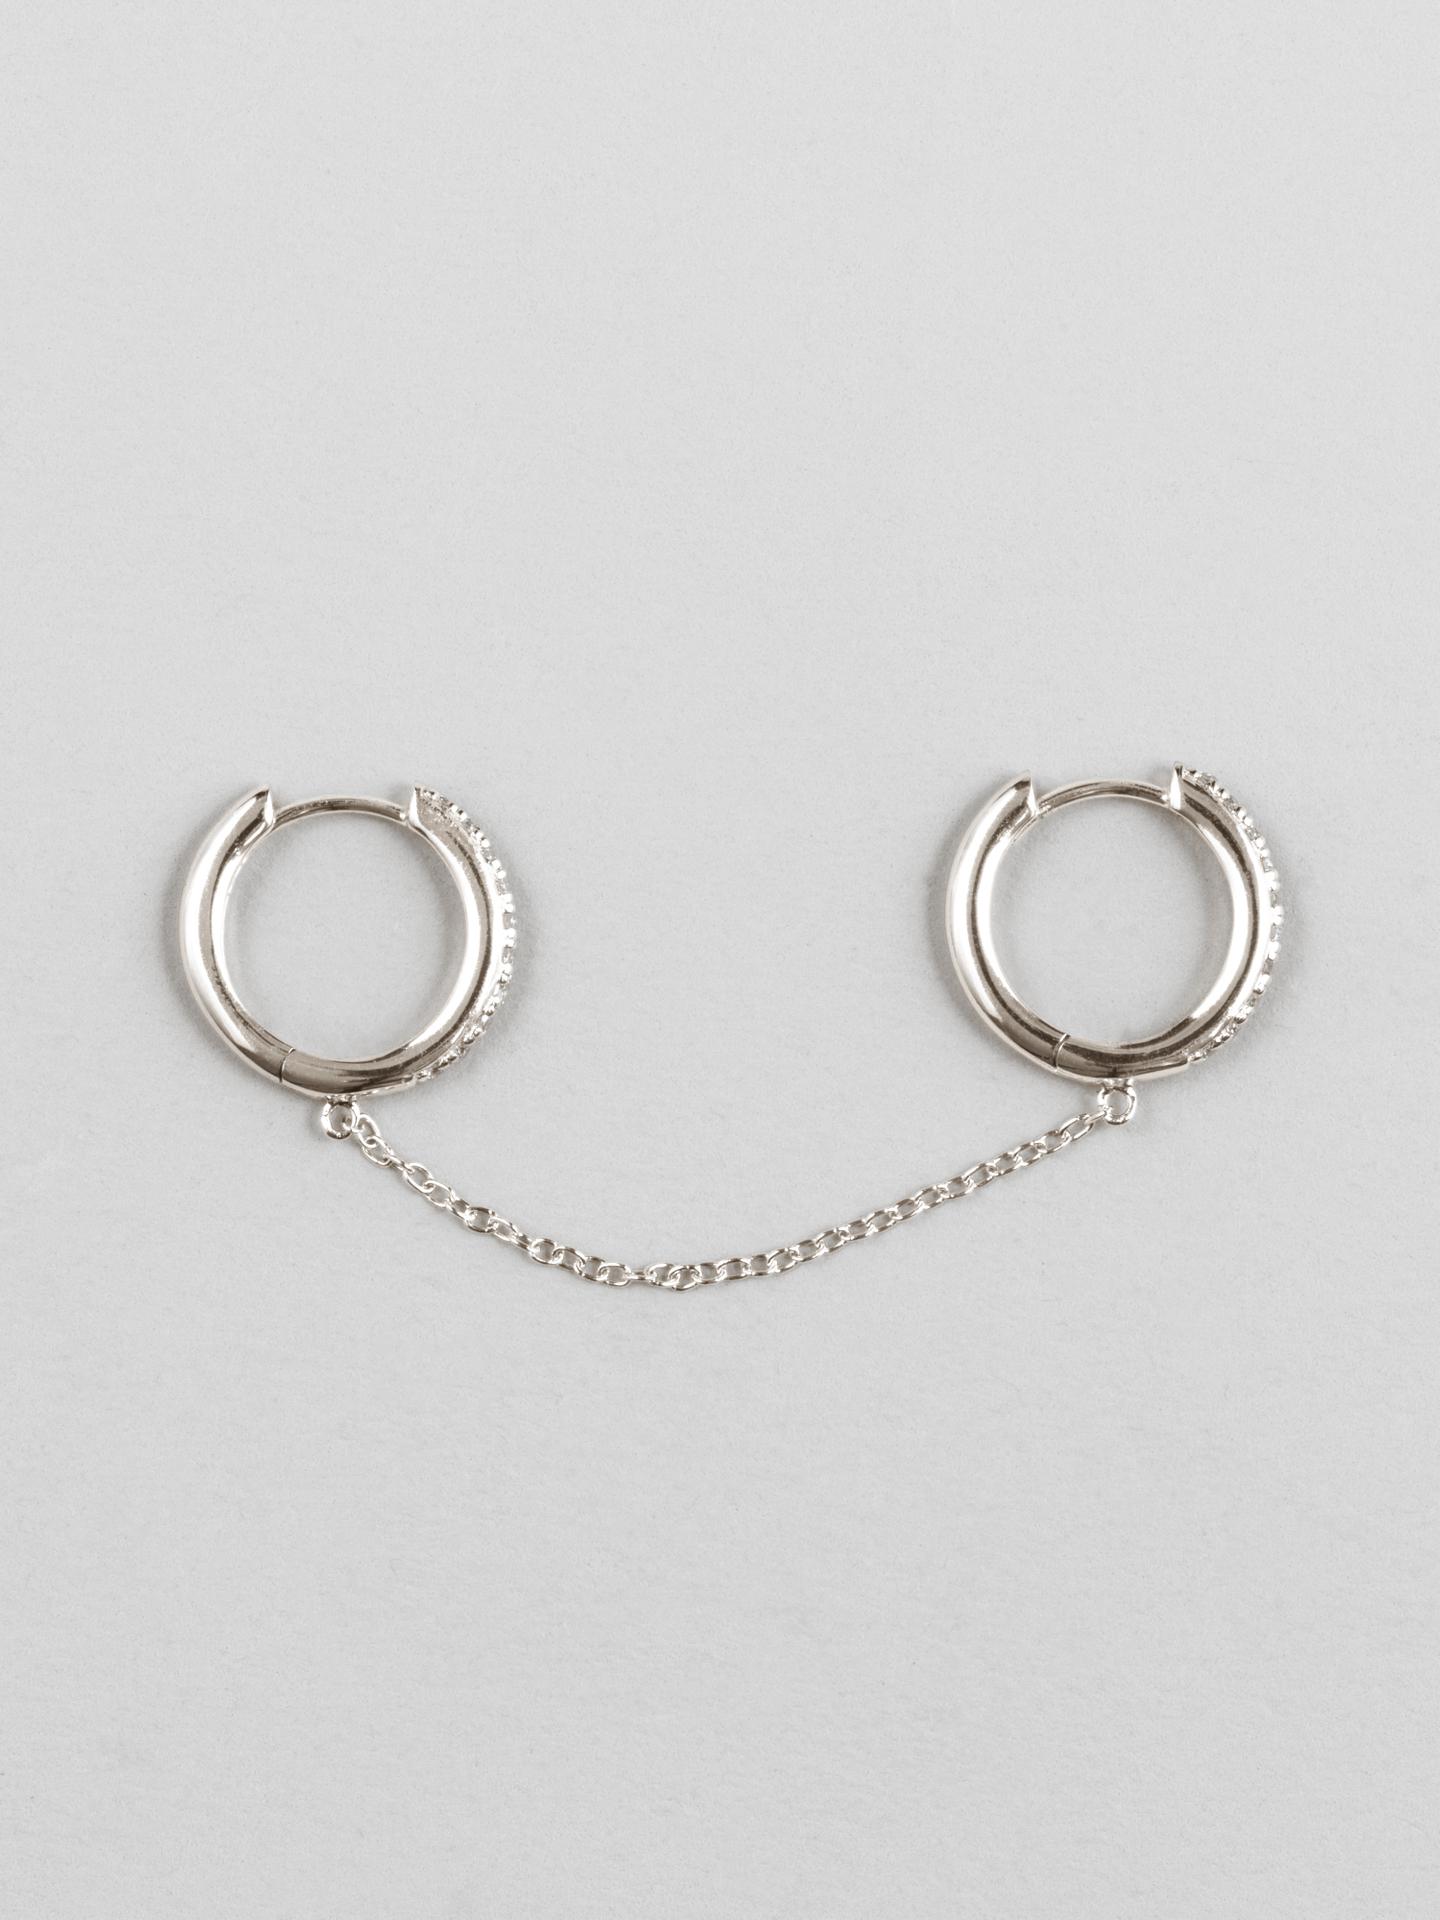 Chain Huggie Hoop